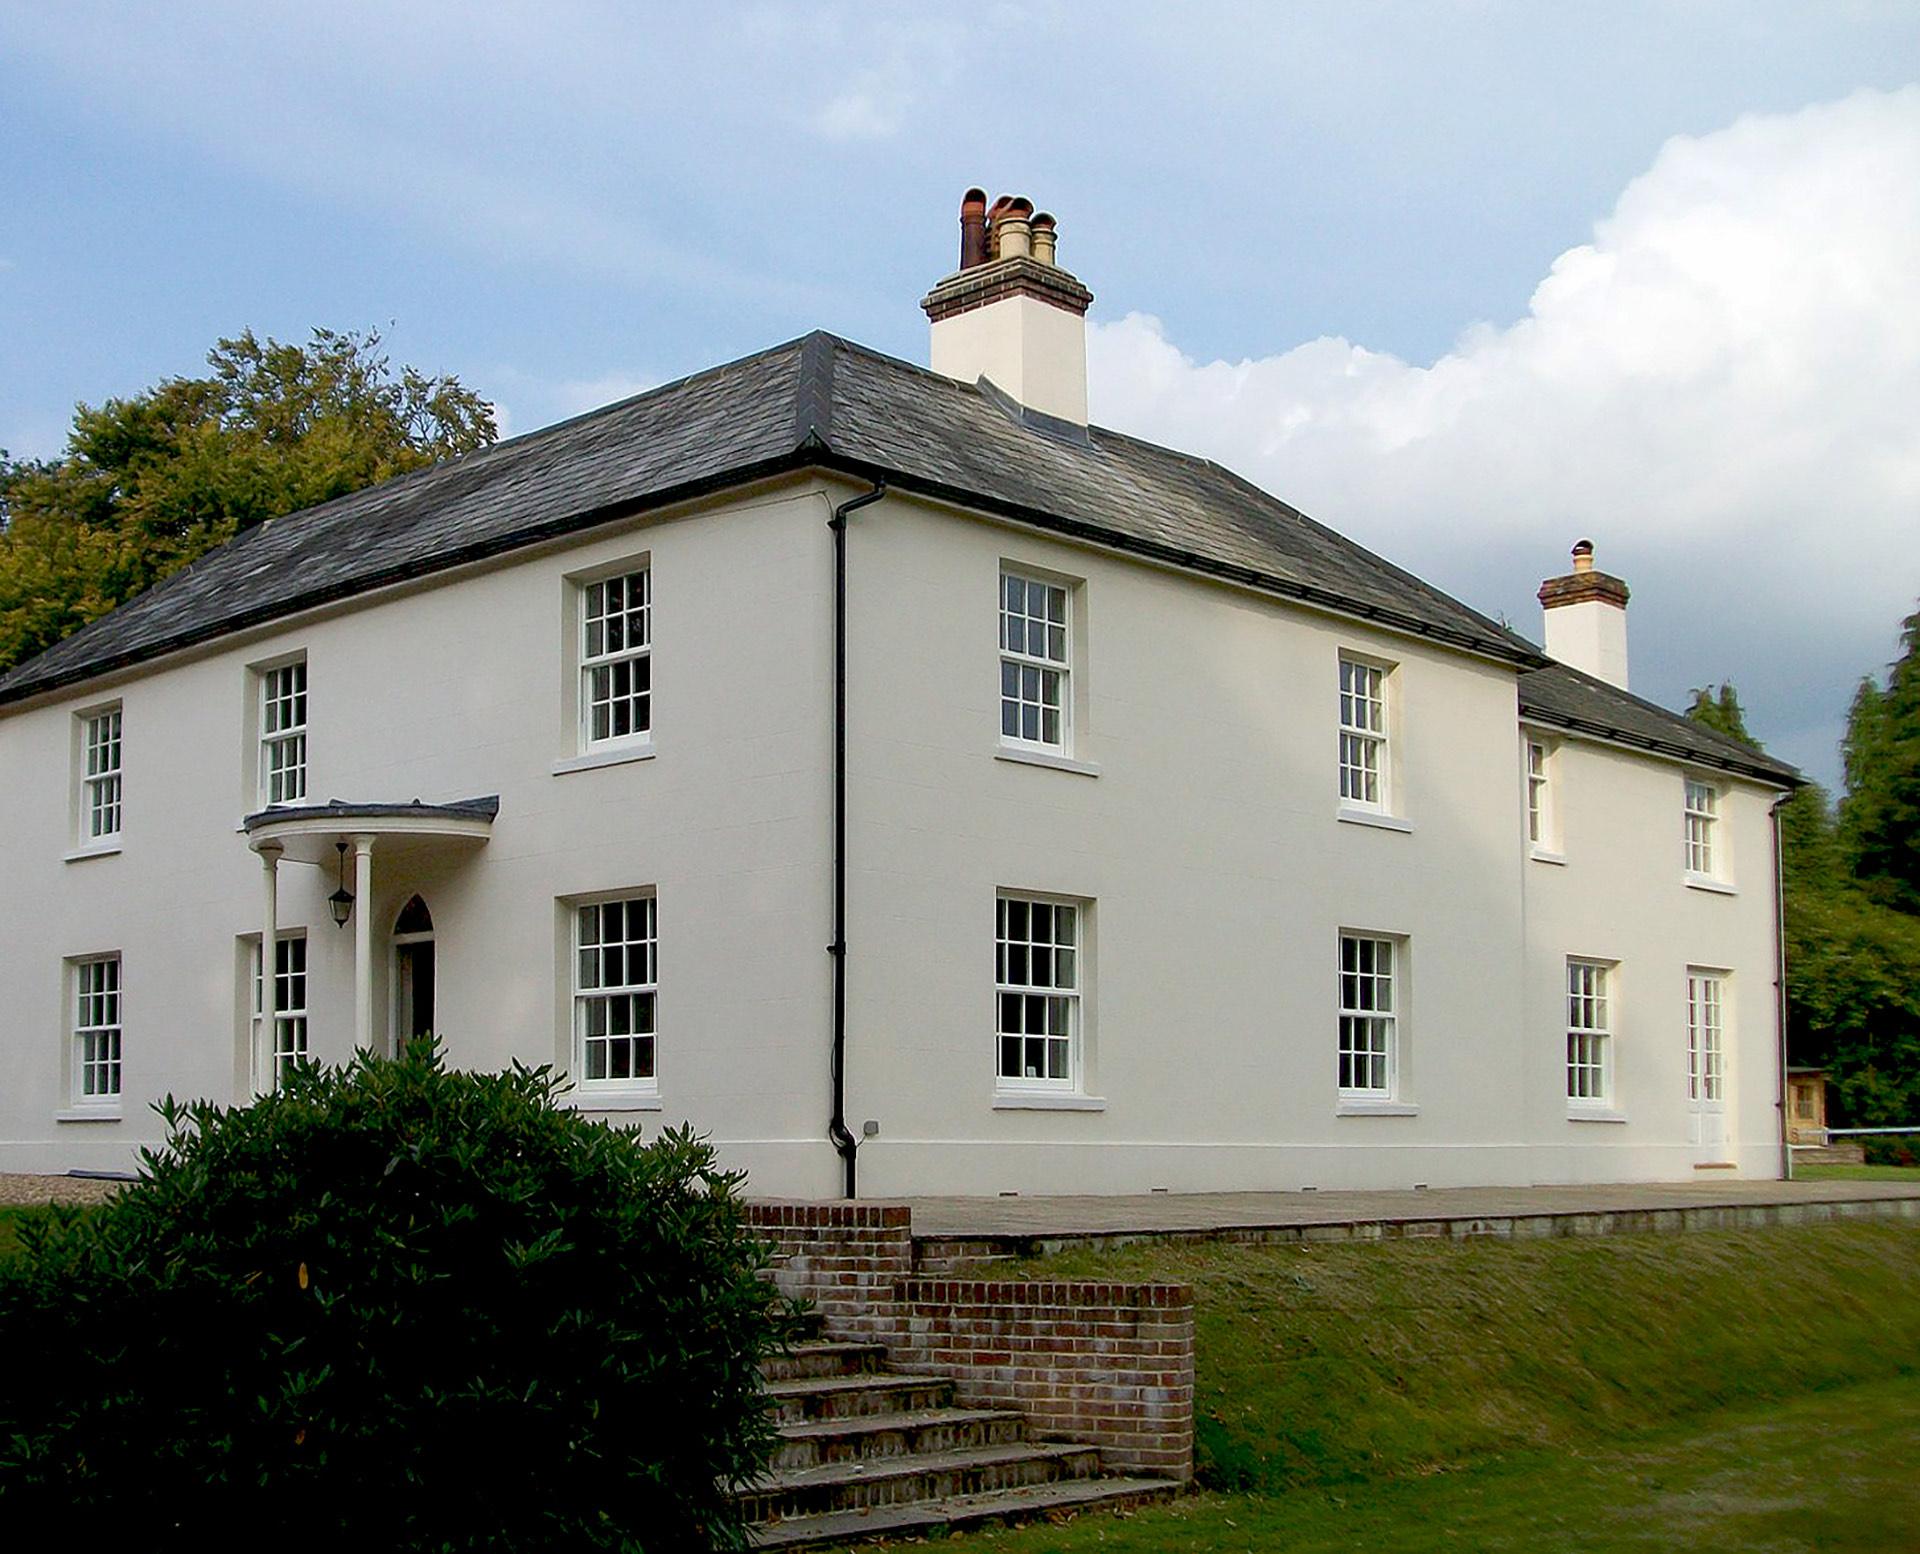 Roseview Heritage Sash Windows